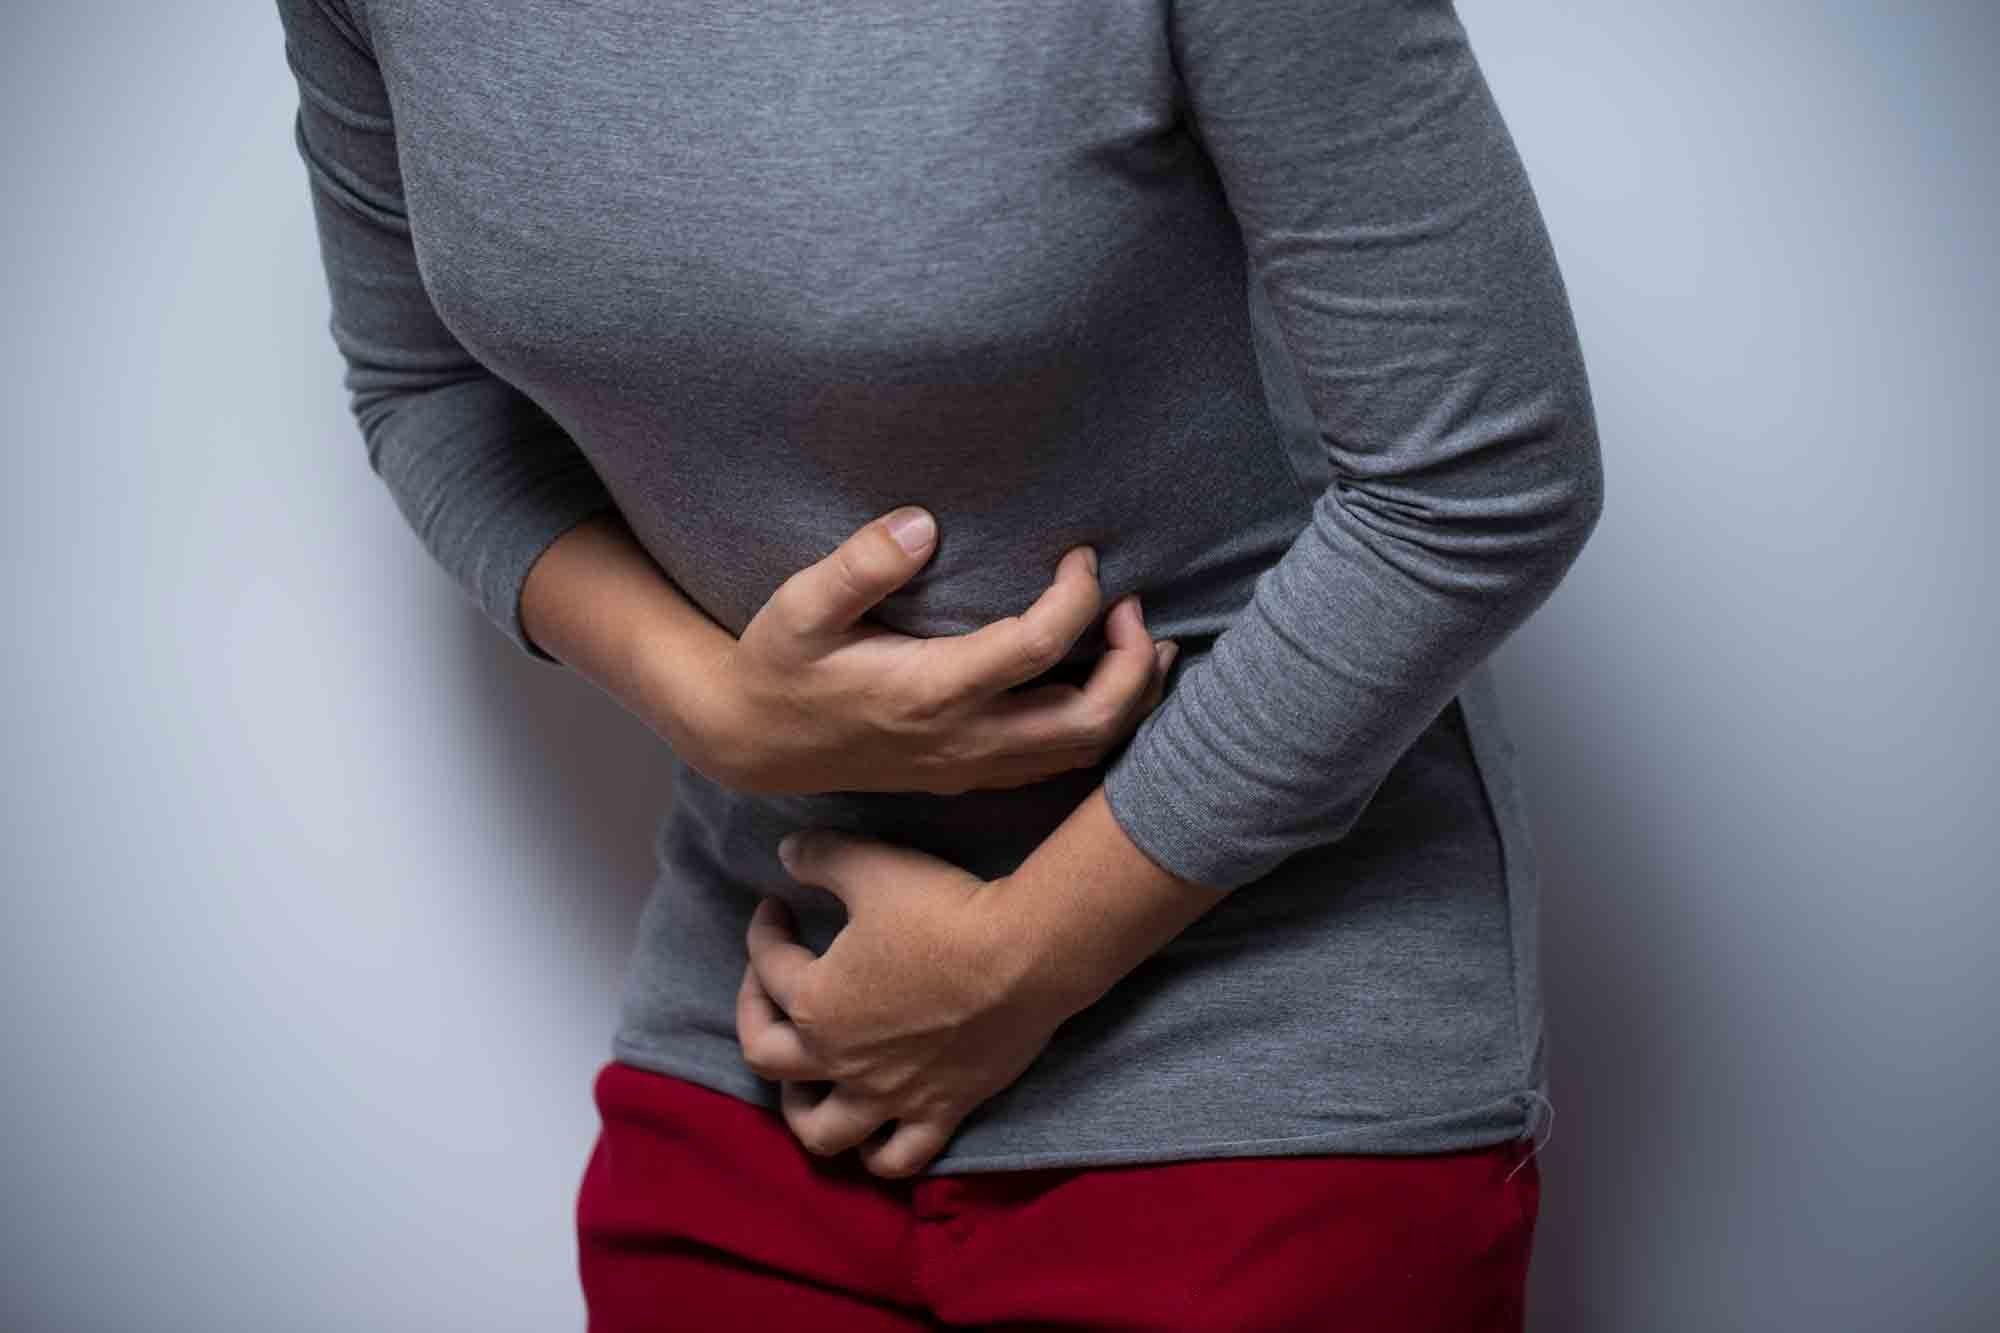 L'inflammation du colon peut être caractérstique d'une MICI.